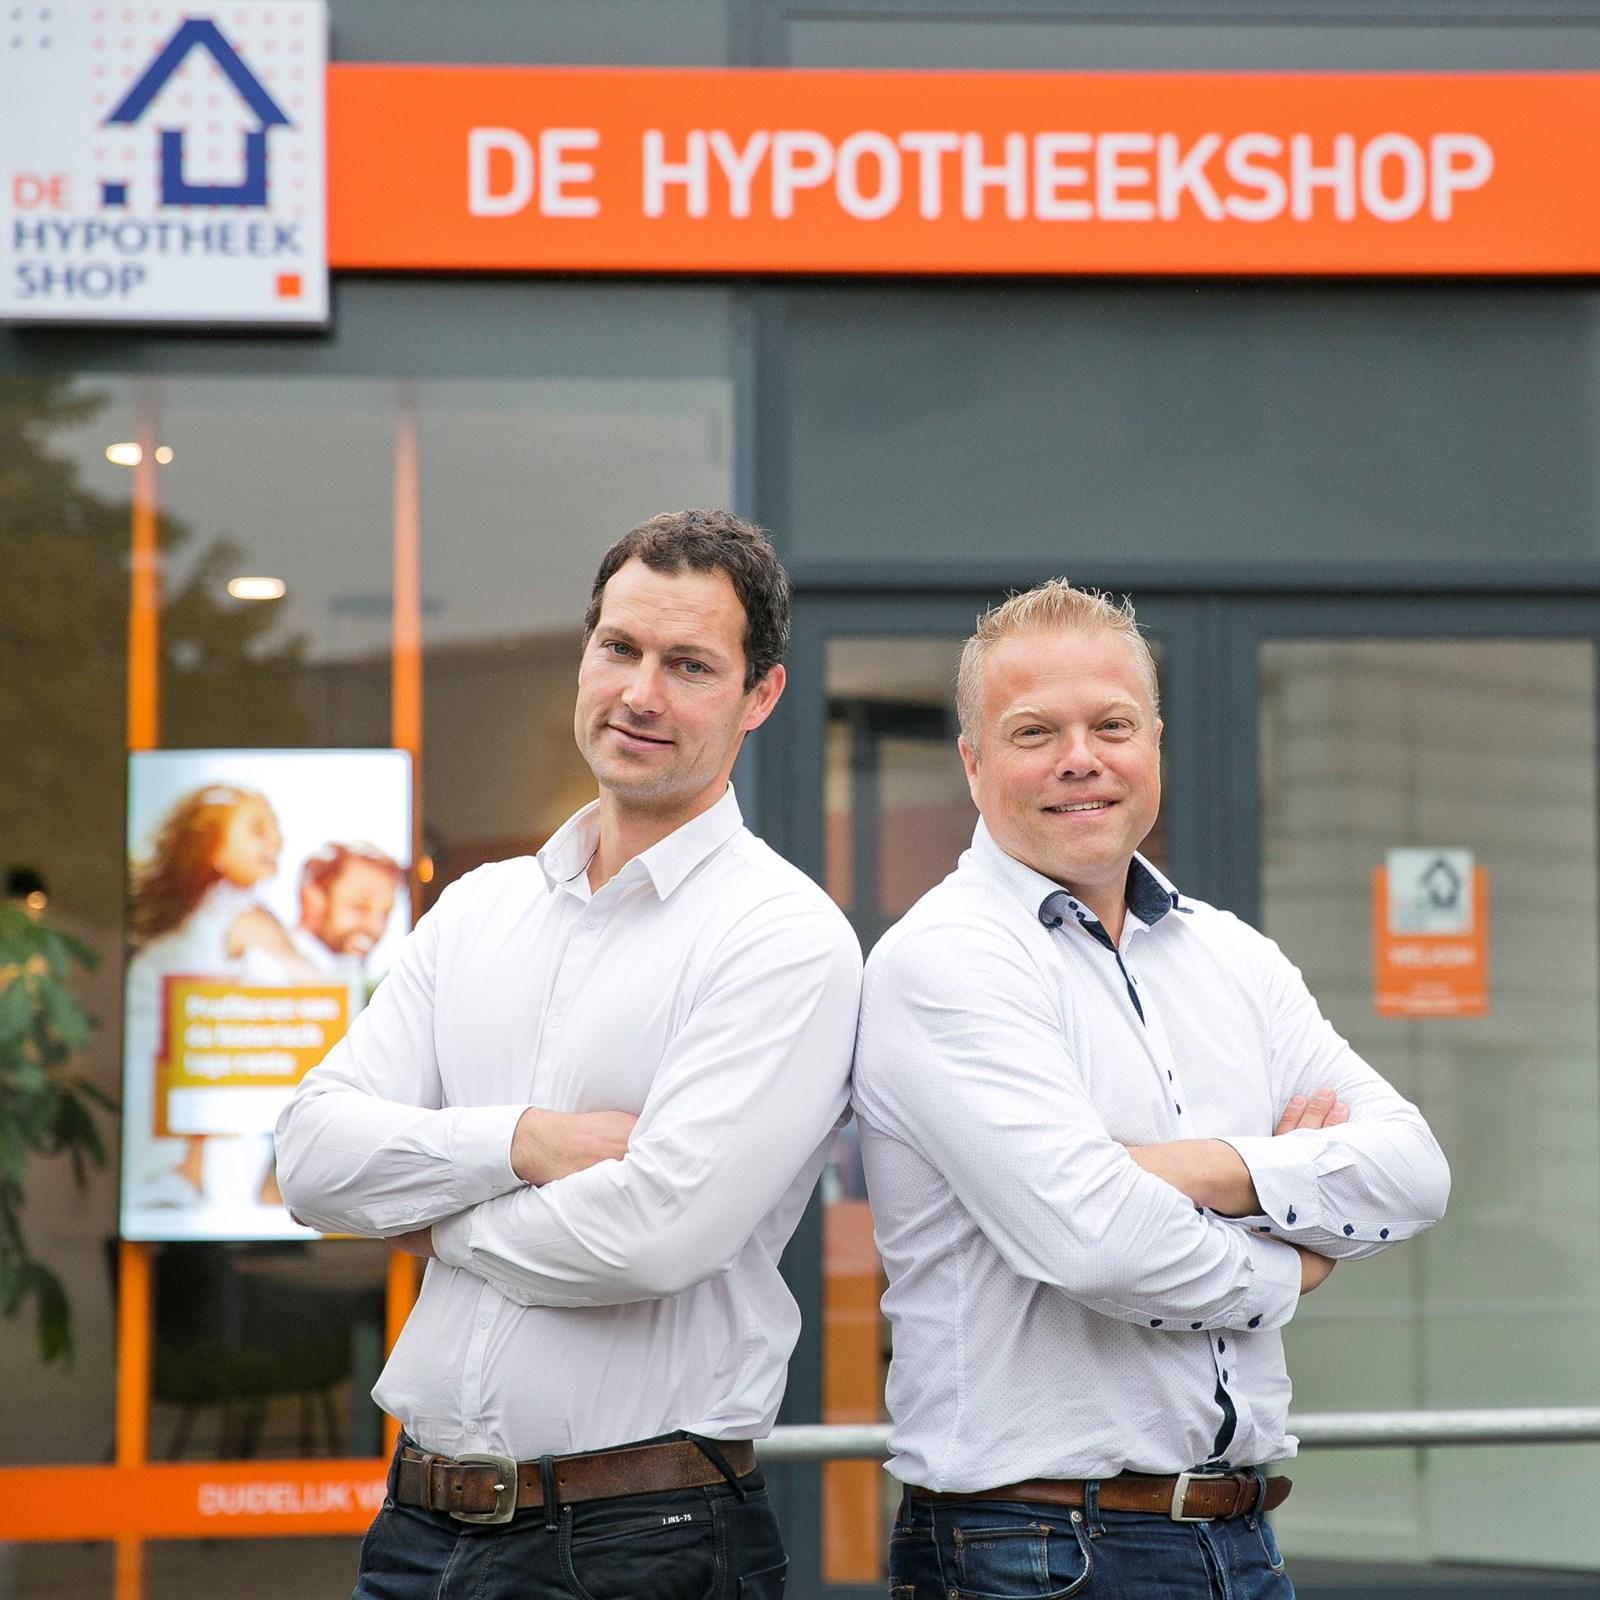 De Hypotheekshop Dordrecht Stadspolders